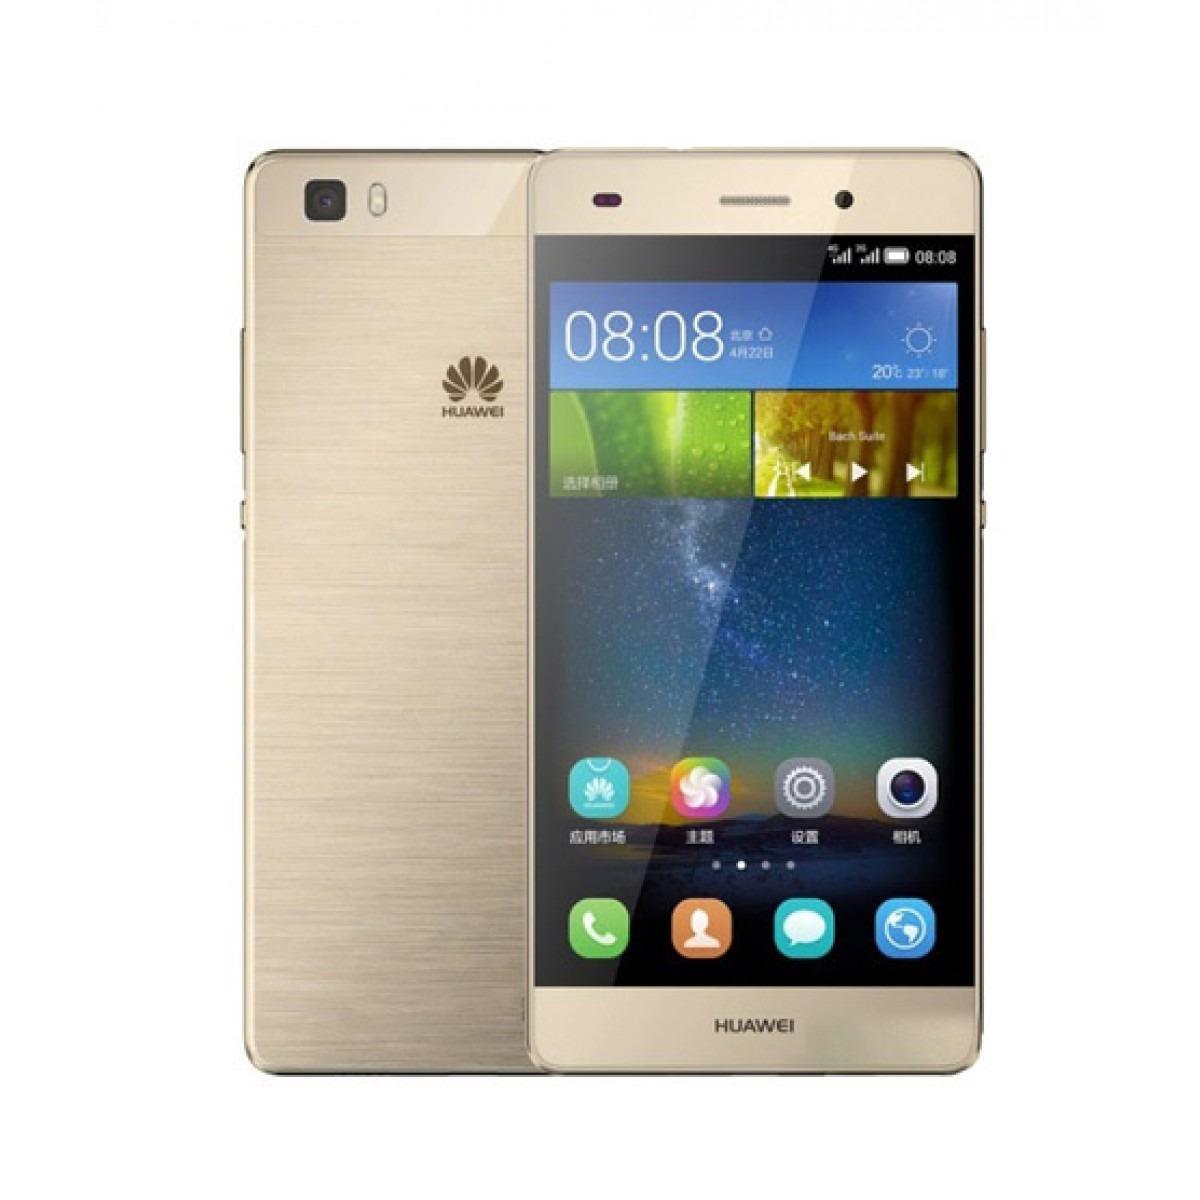 08d765e9097 Huawei P8 Lite Refabricado Dorado Movistar - $ 3.762,00 en Mercado Libre